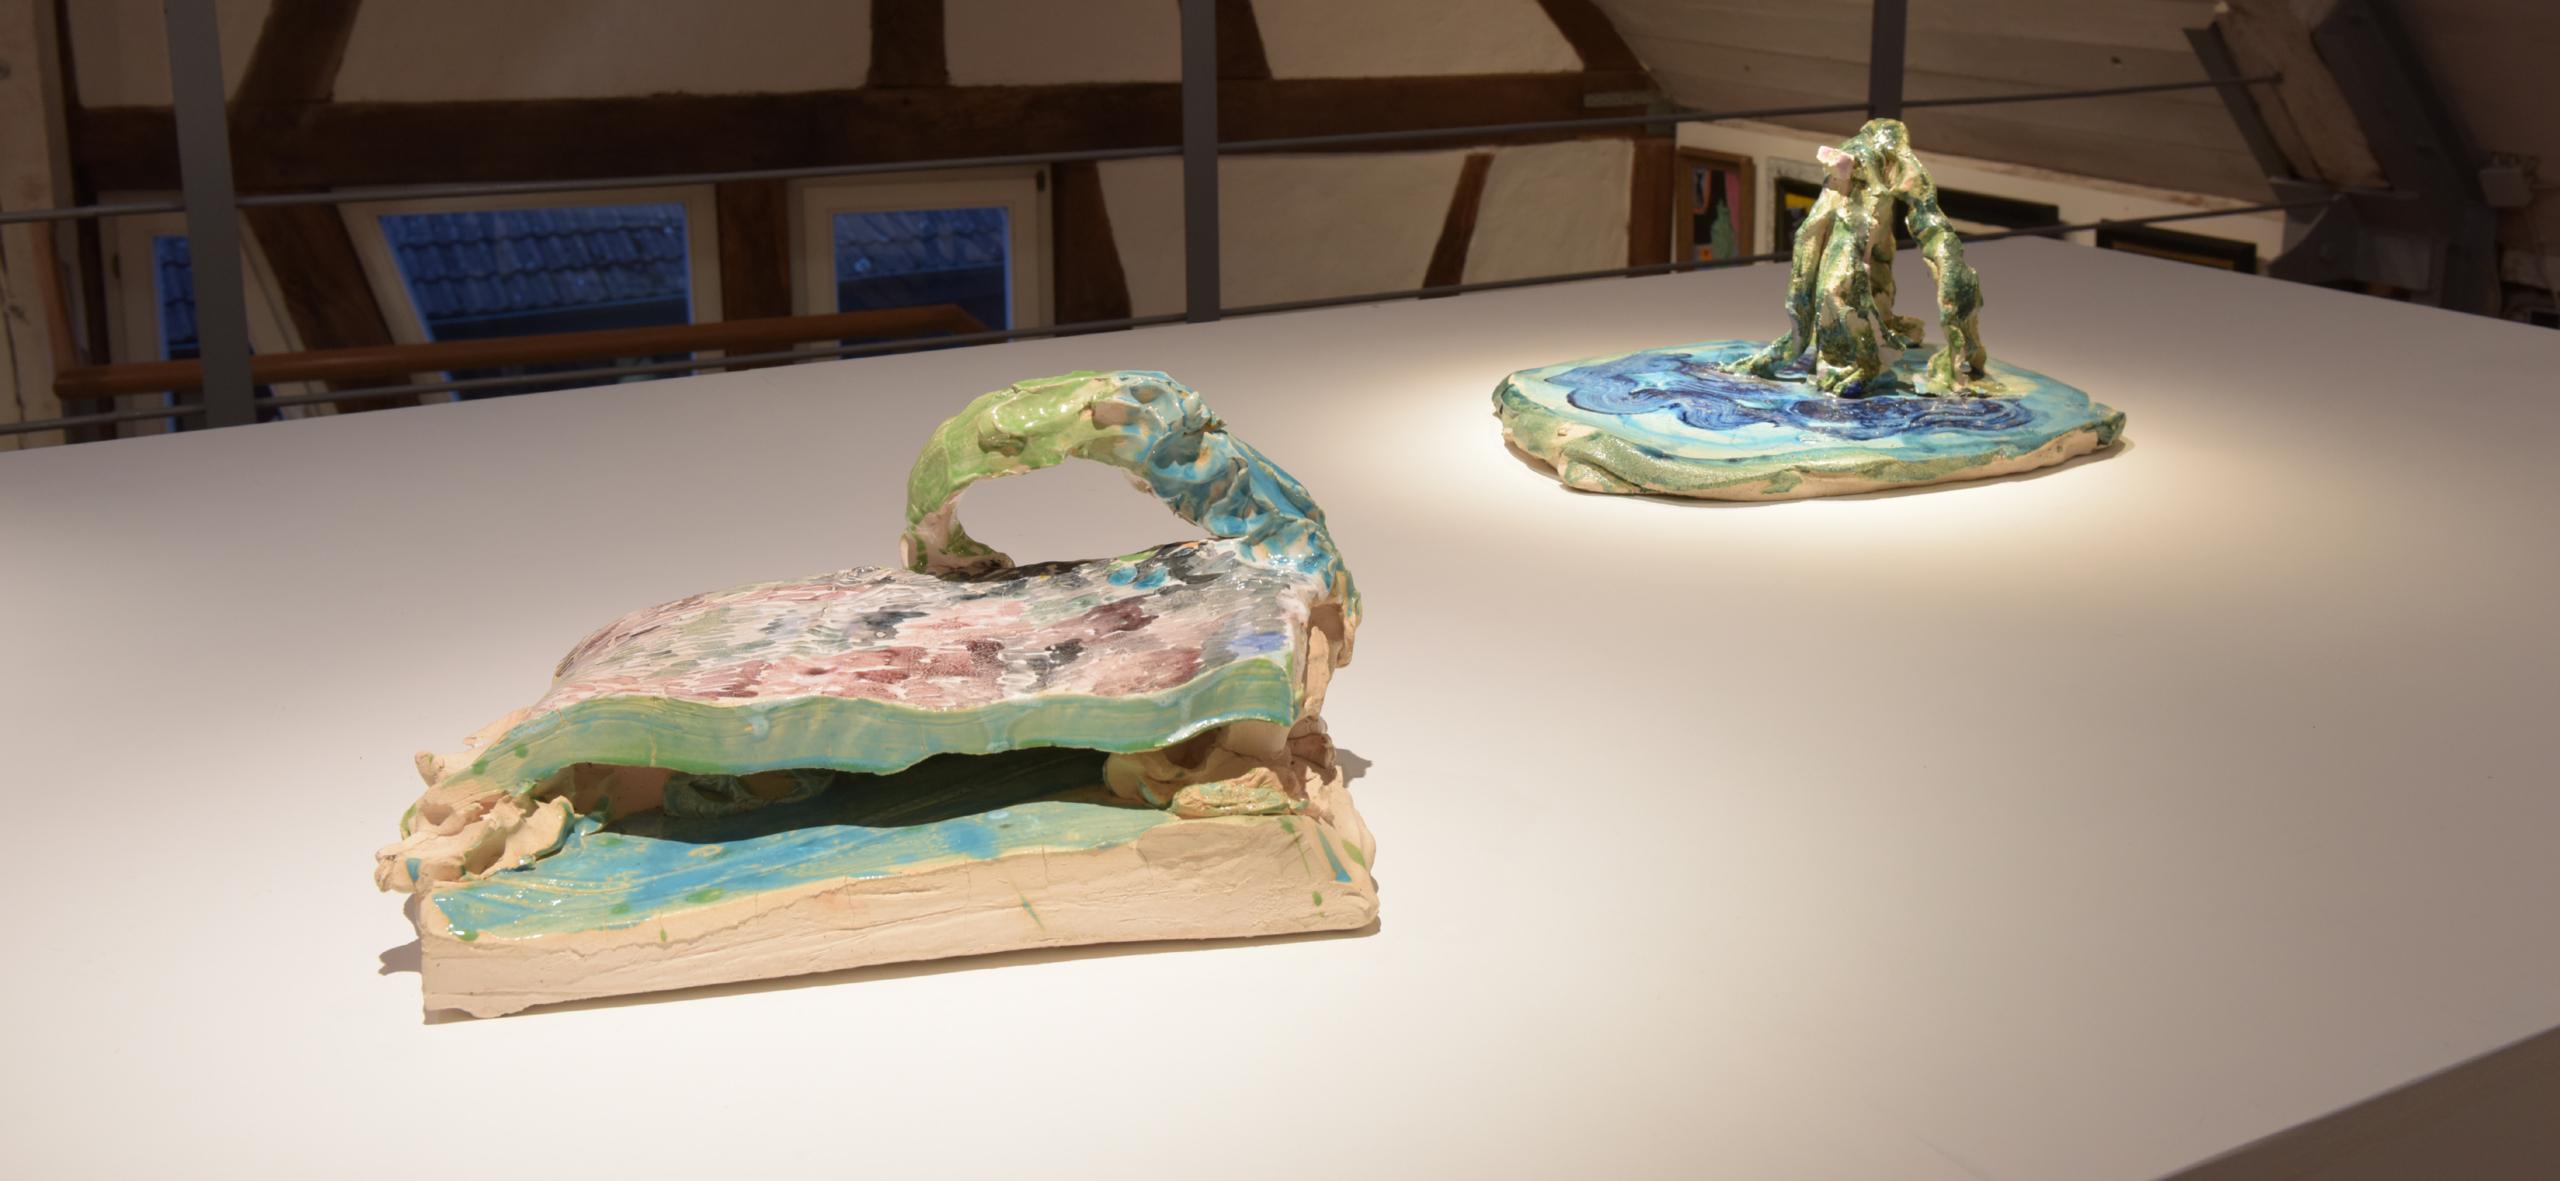 Norbert Prangenberg - Blick in die Ausstellung